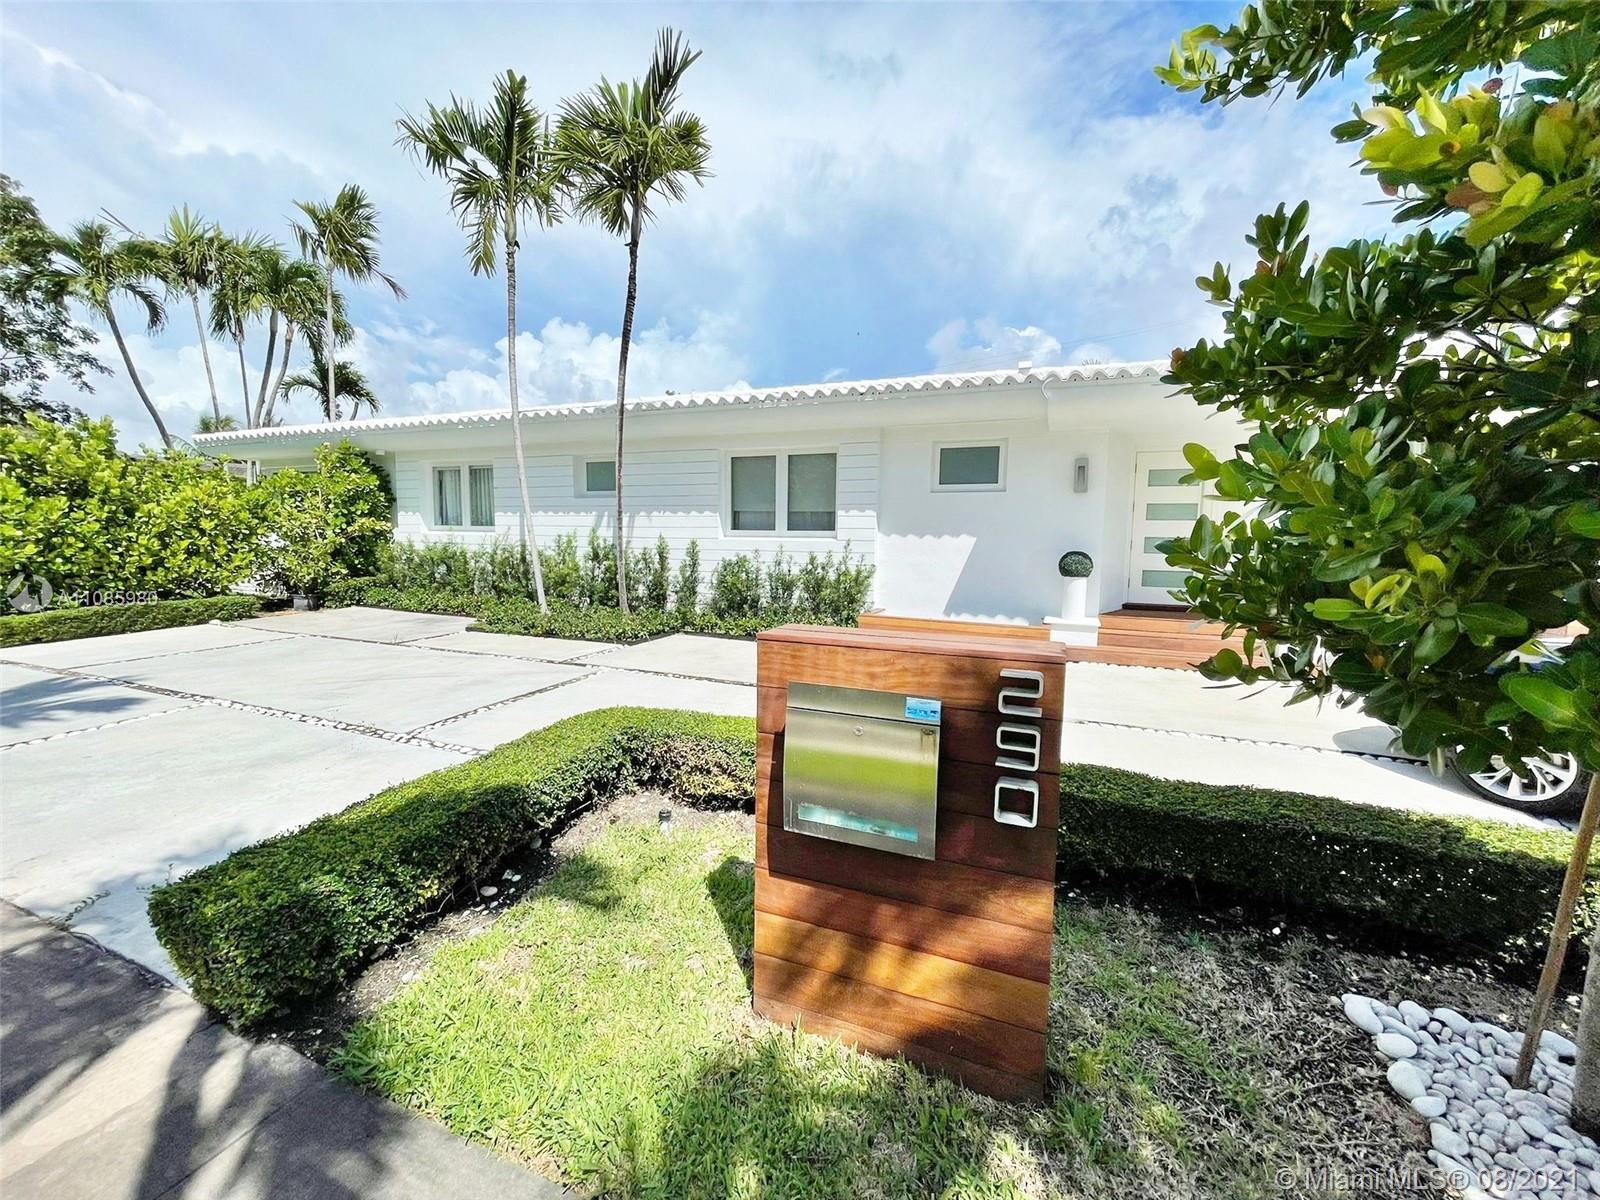 Bay Heights - 290 E Shore Dr E, Miami, FL 33133